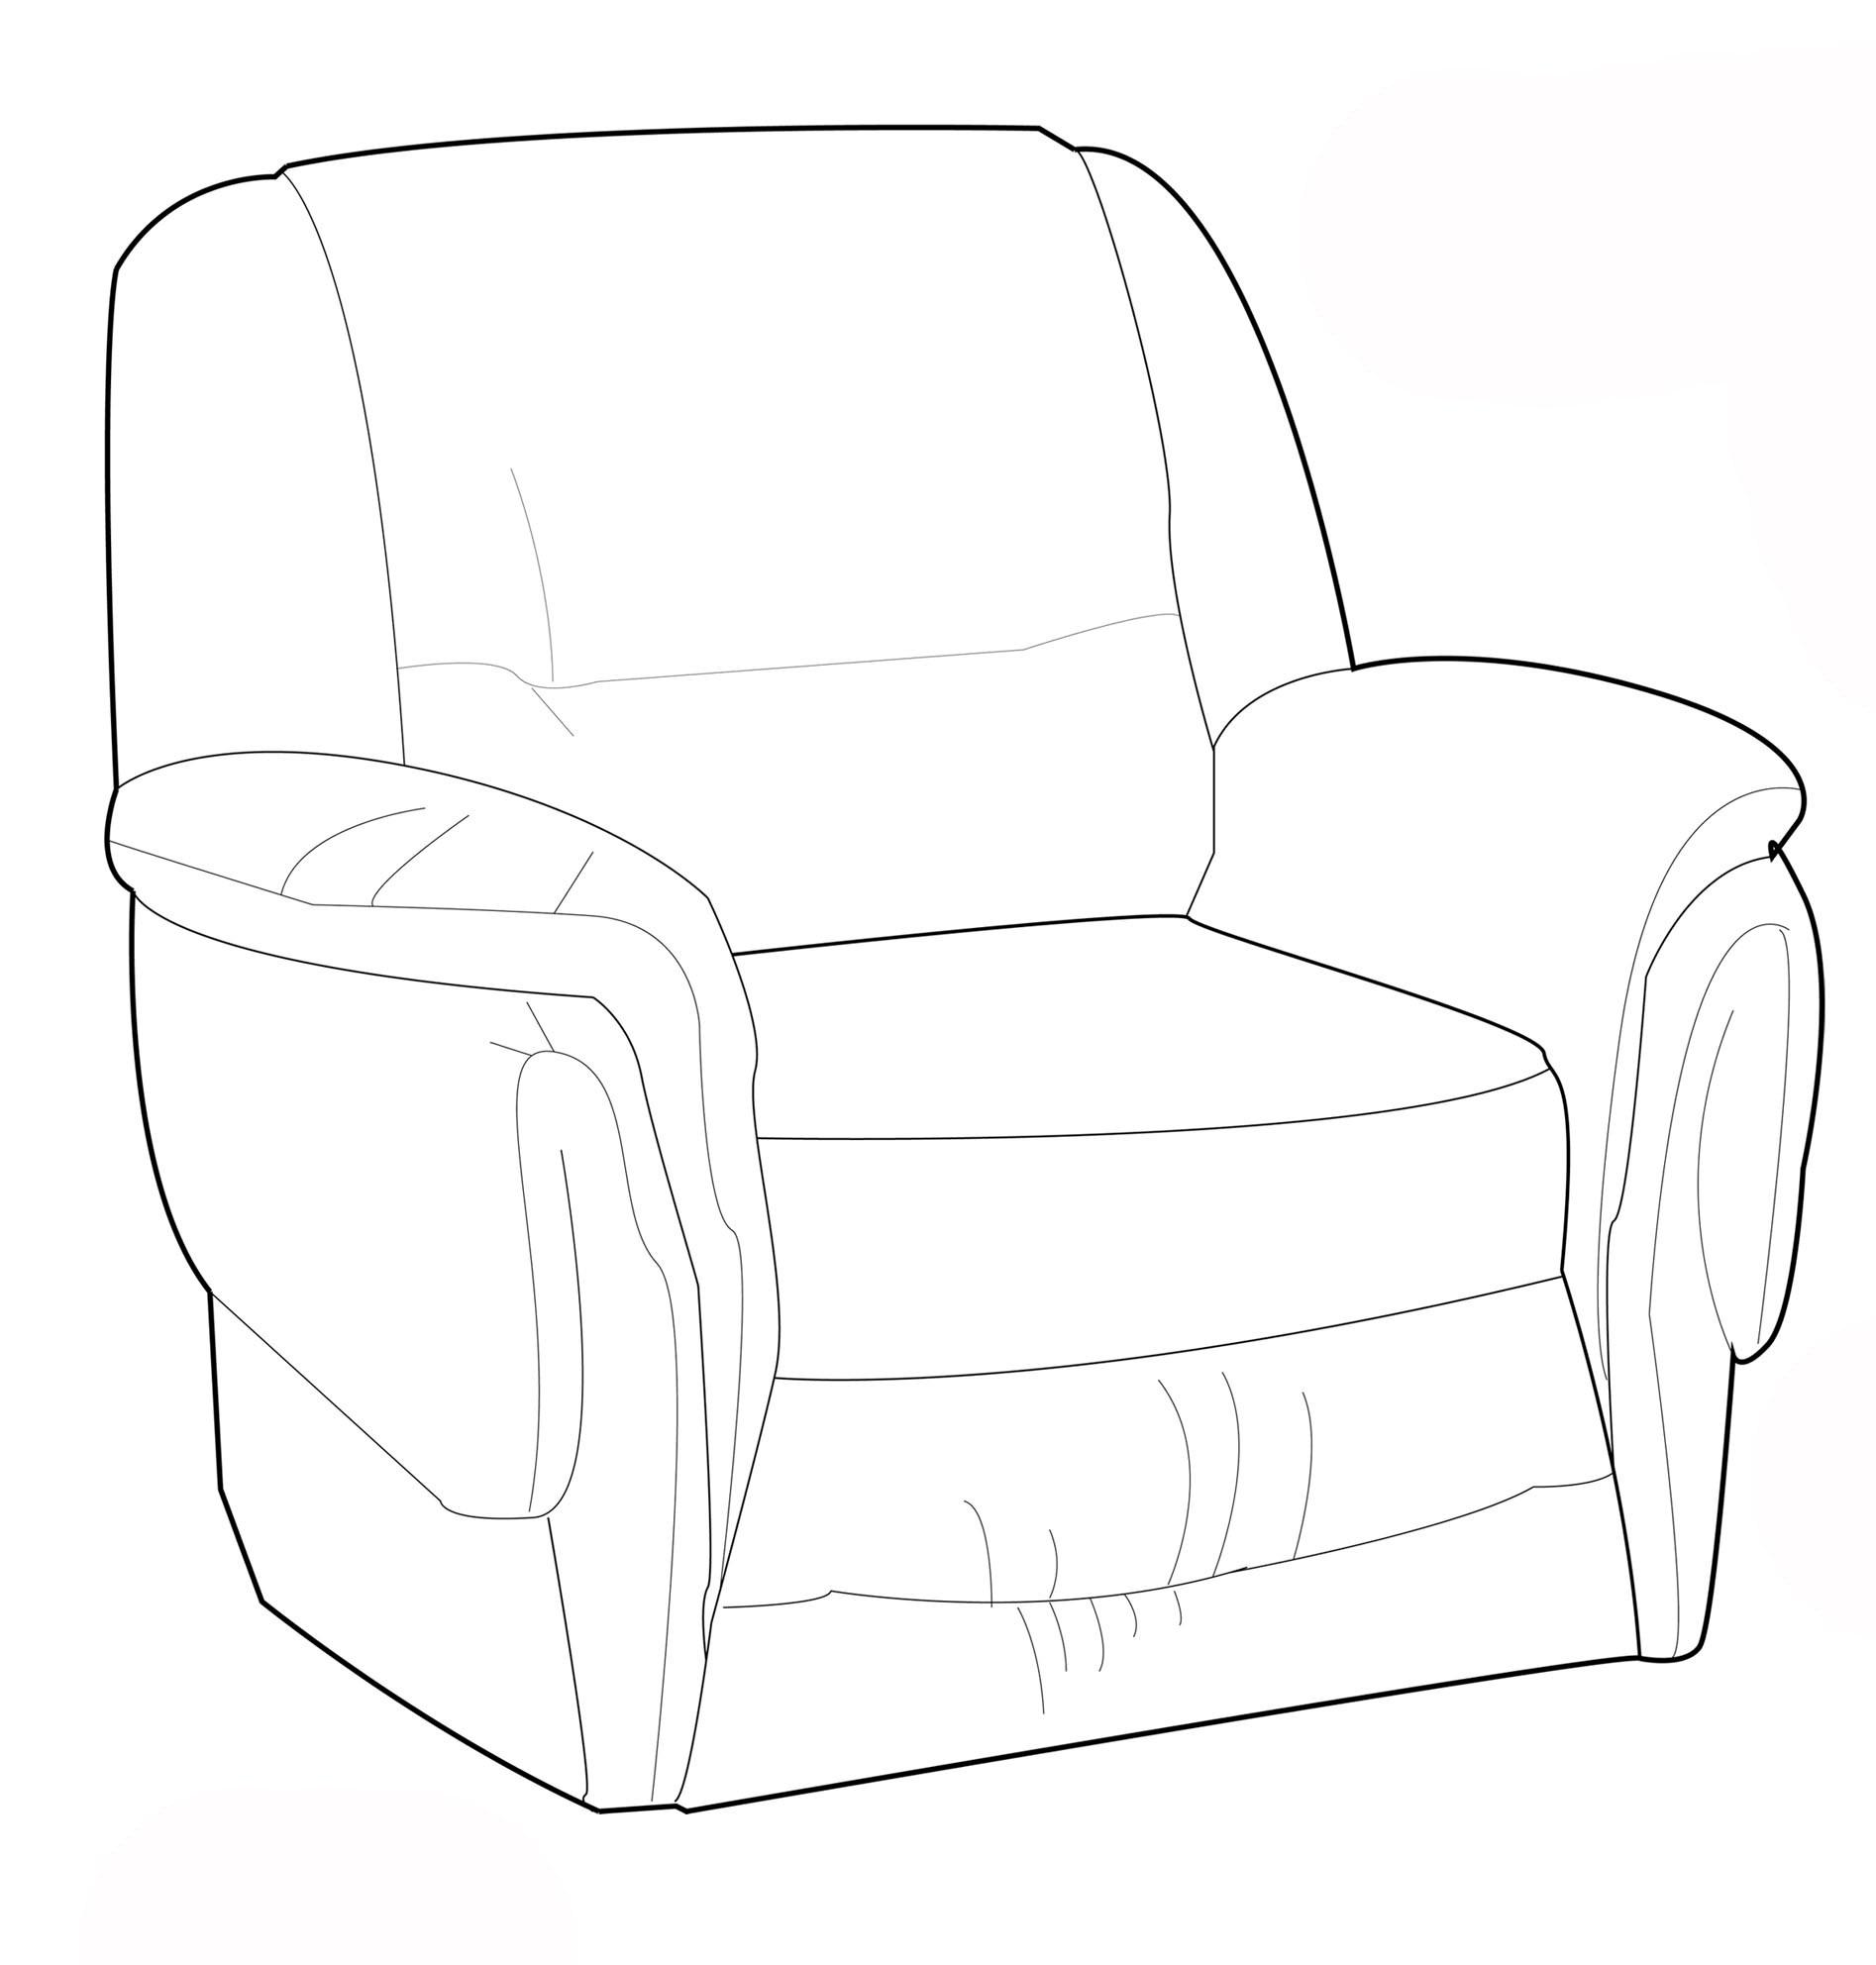 ausmalbilder malvorlagen sessel kostenlos zum ausdrucken m rchen aus aller welt der br der. Black Bedroom Furniture Sets. Home Design Ideas